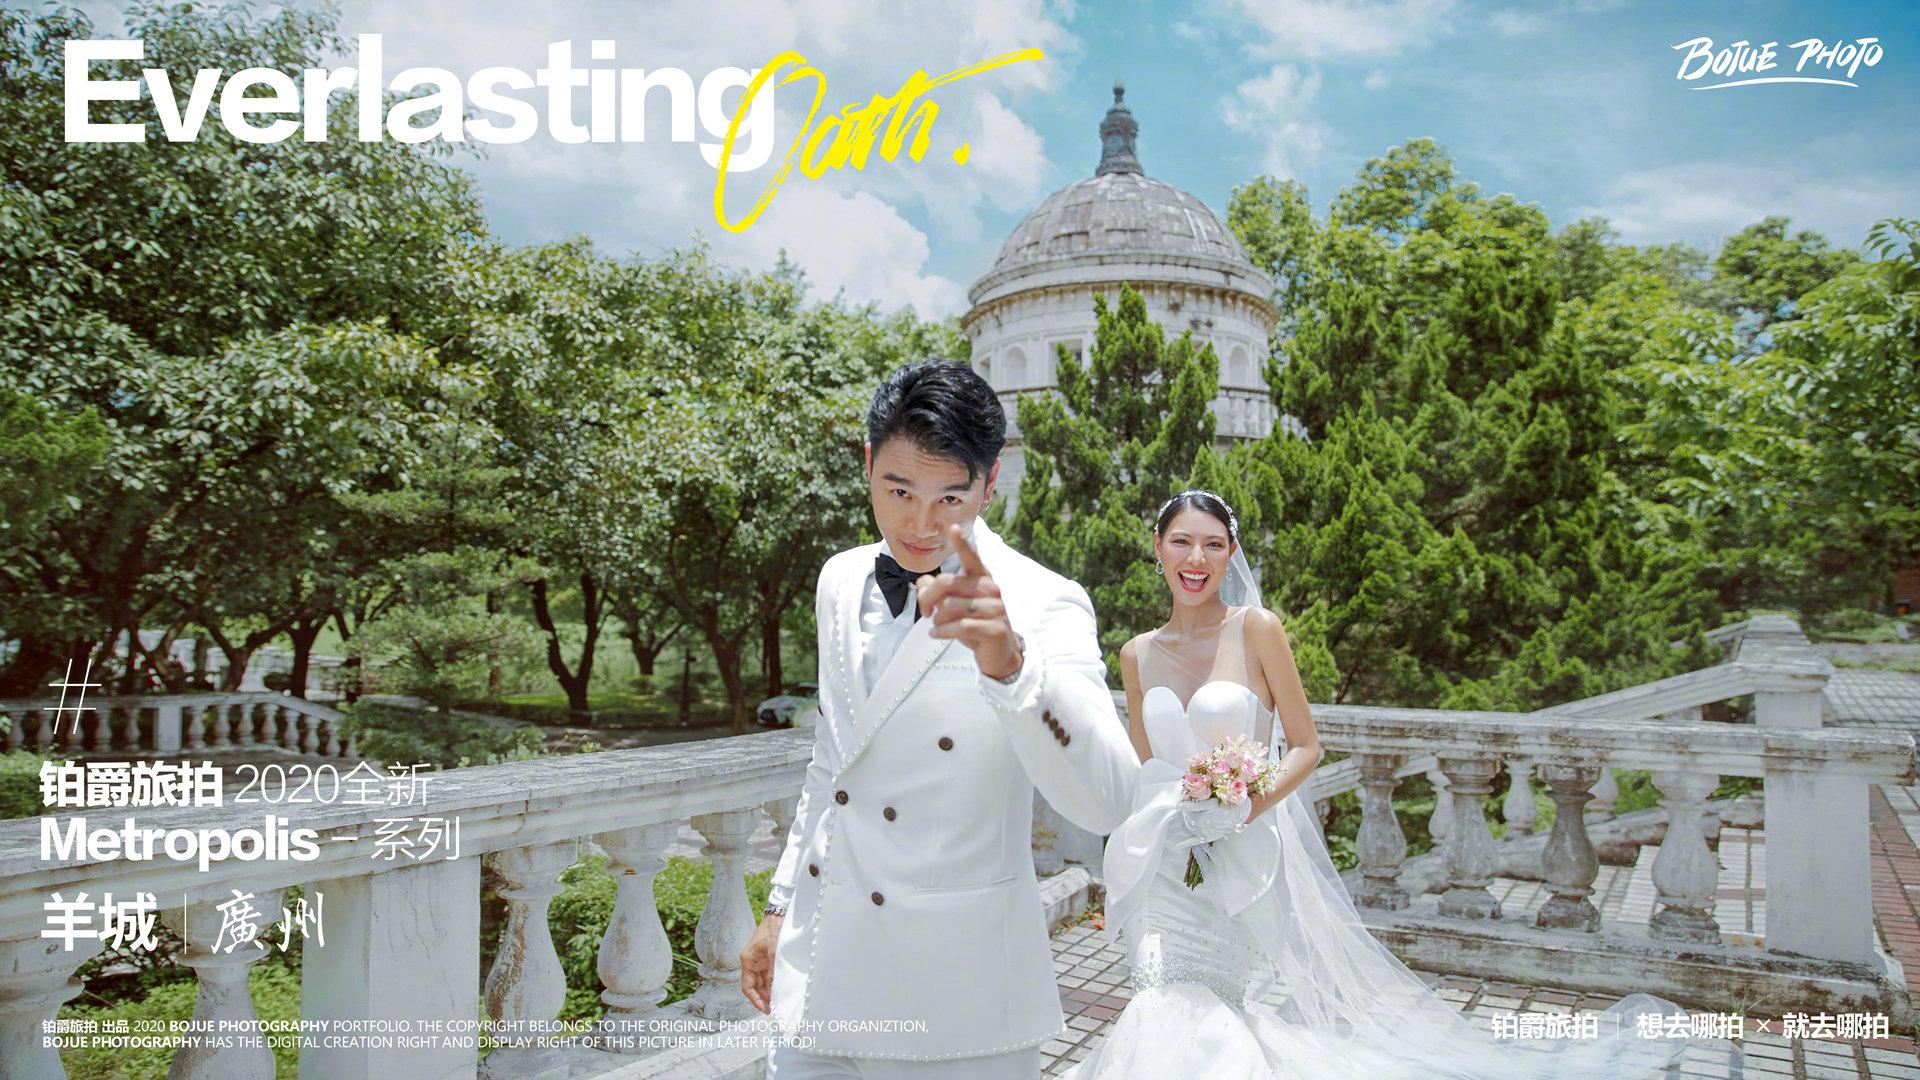 广州婚纱摄影选哪家 婚纱照拍摄怎么选择最优商家